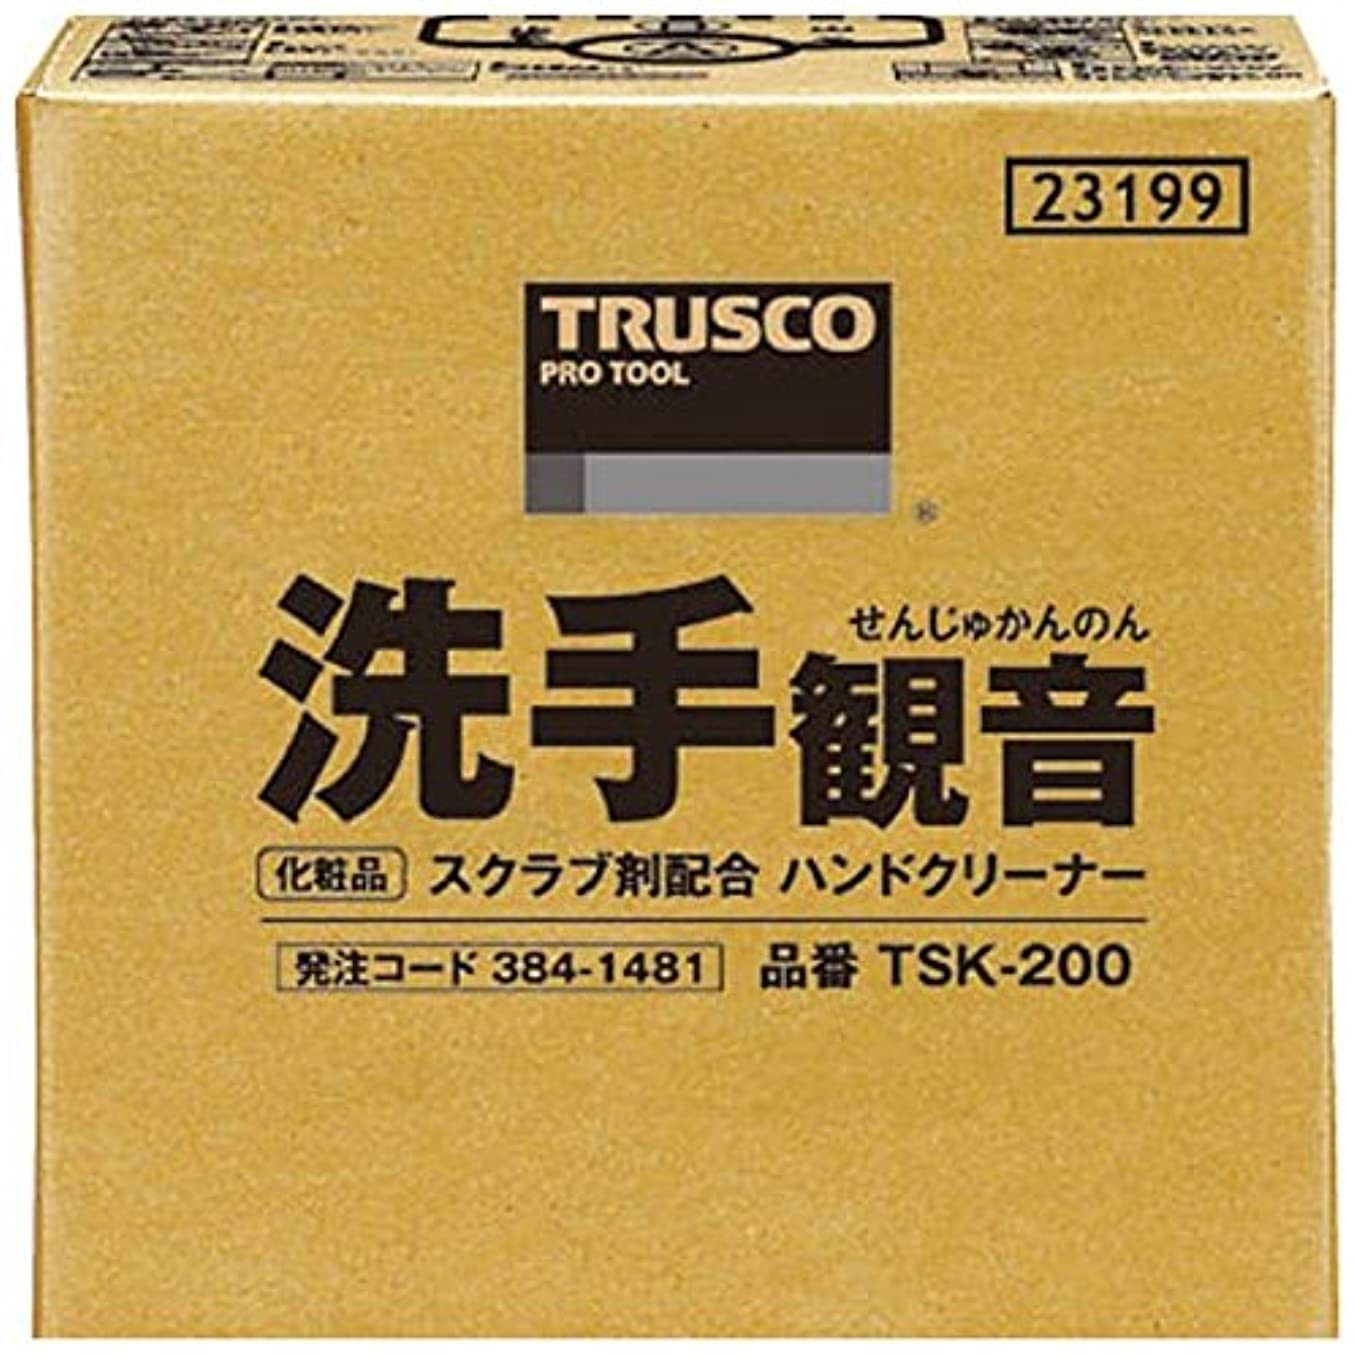 因子八百屋さん肉腫TRUSCO 洗手観音 20kg バックインボックス TSK-200